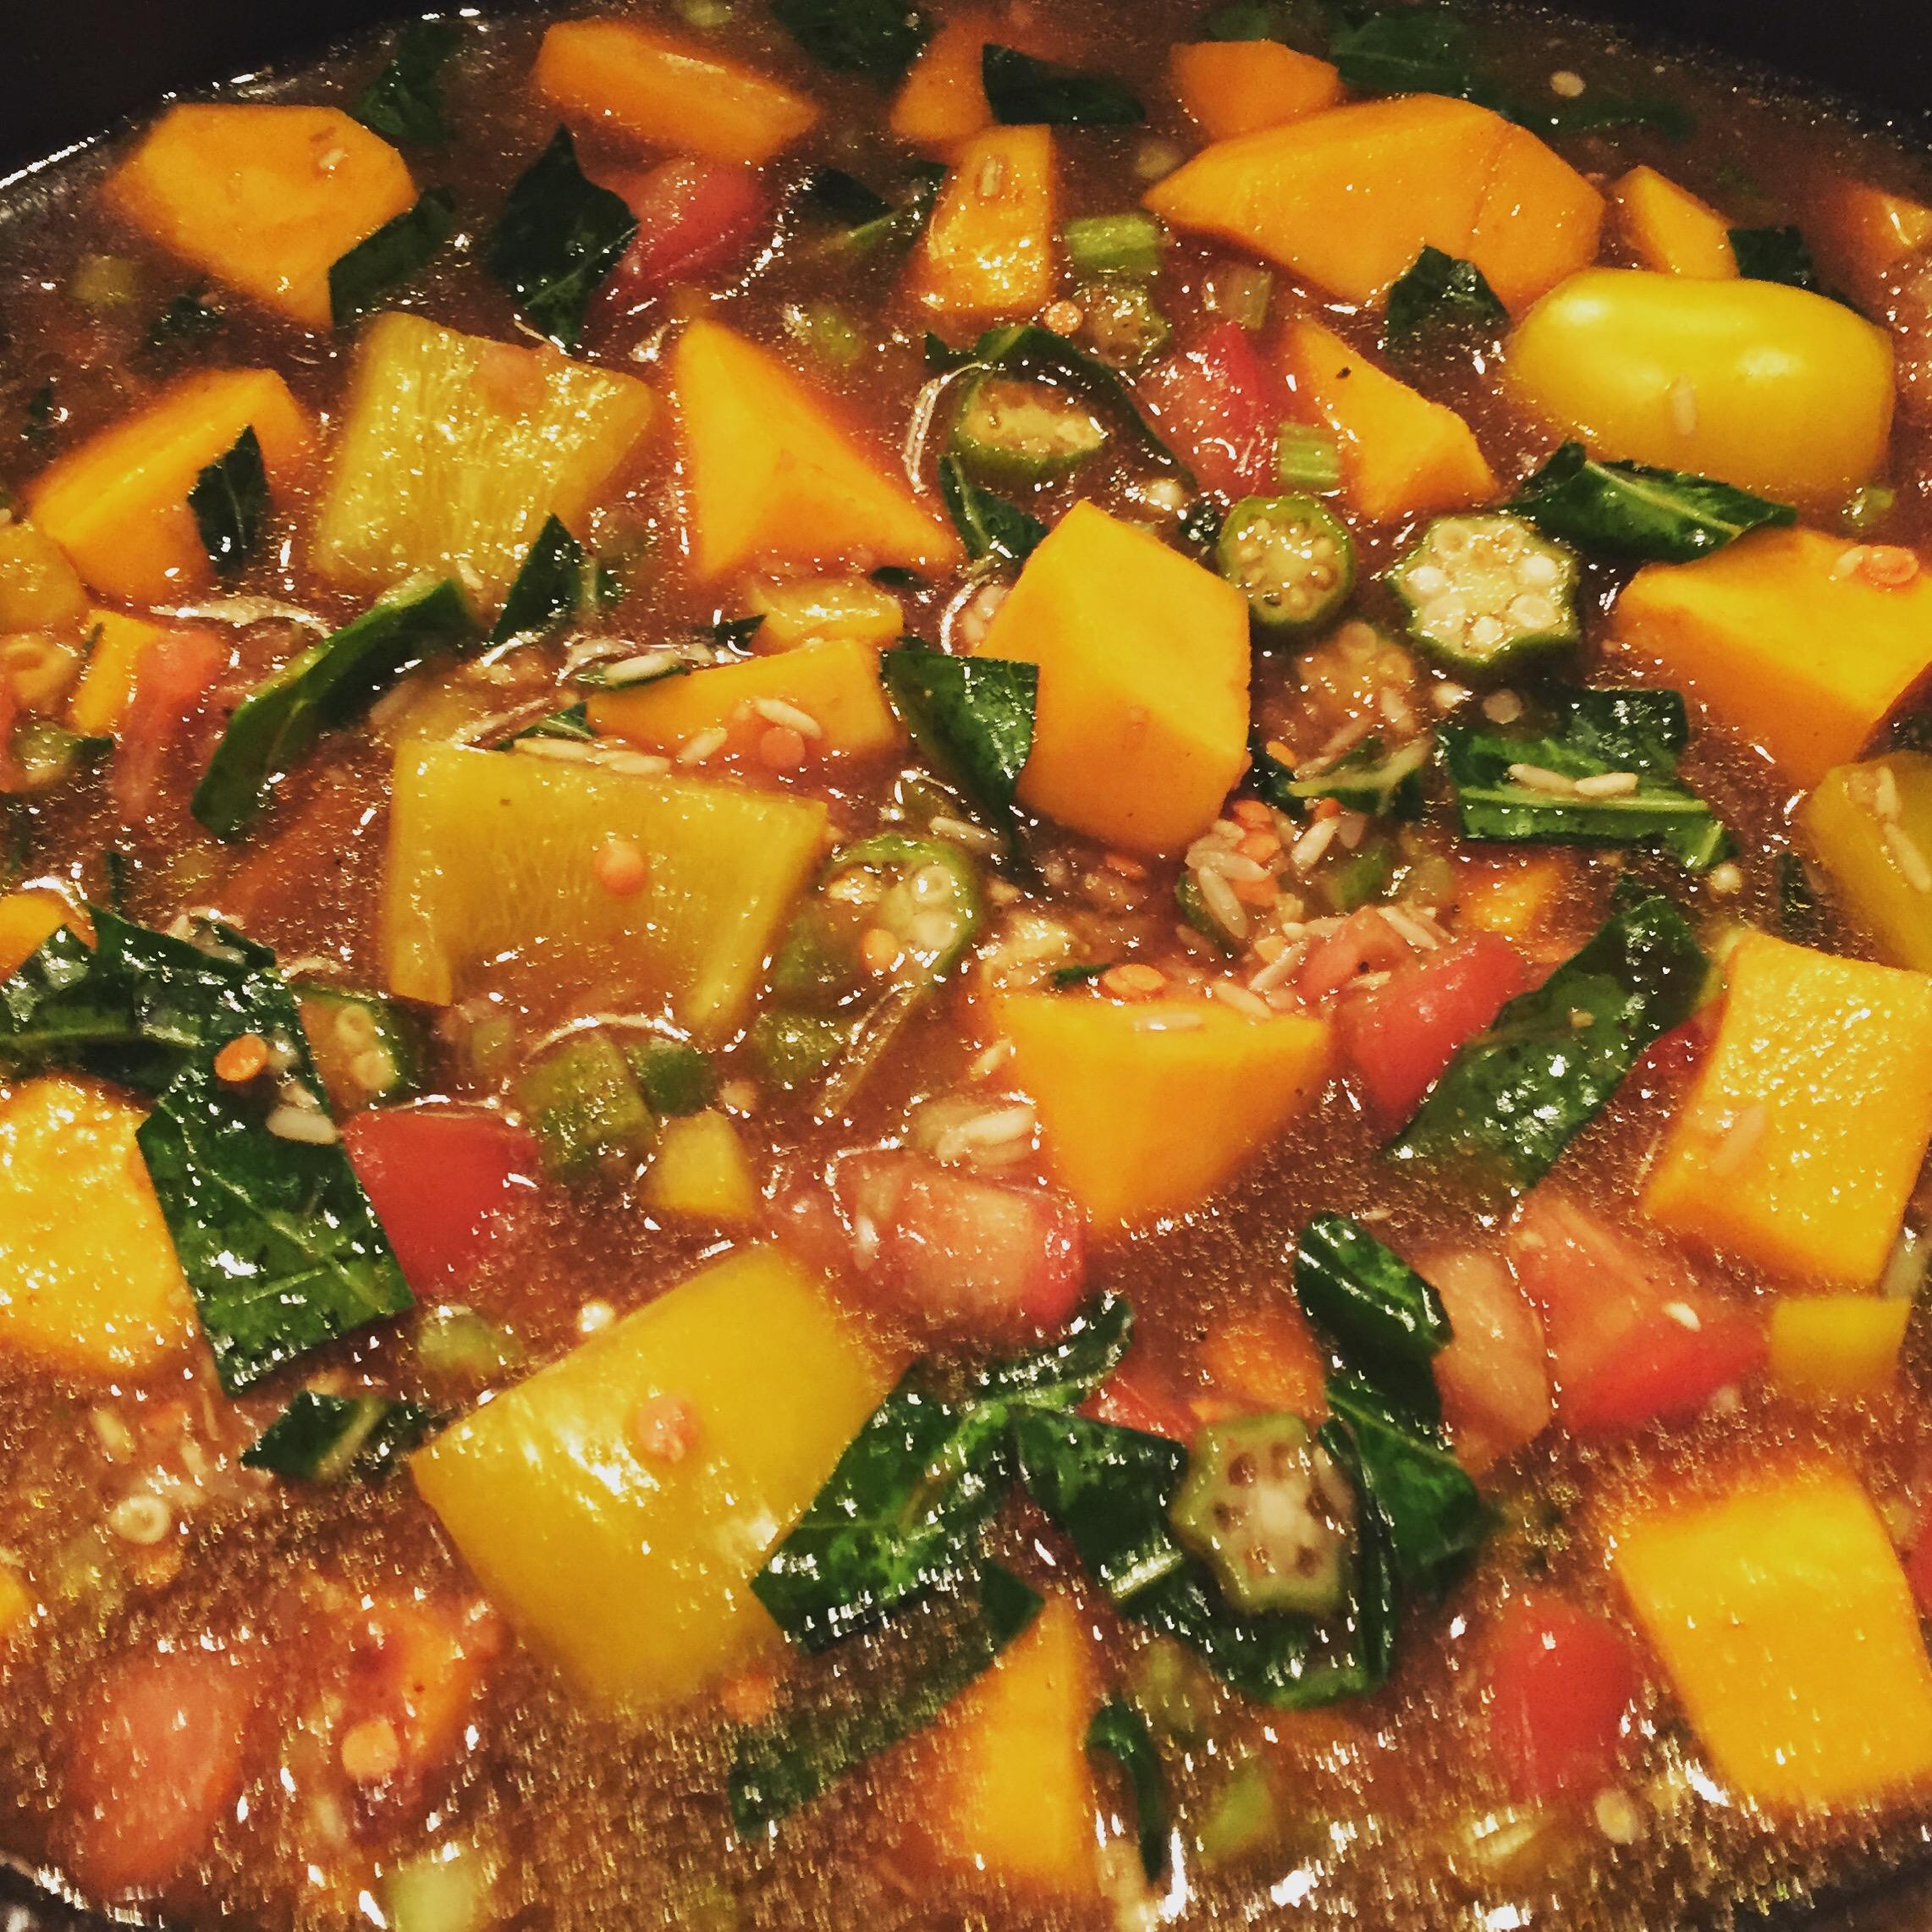 crockpot-cooked-jambalaya-ingredients.png